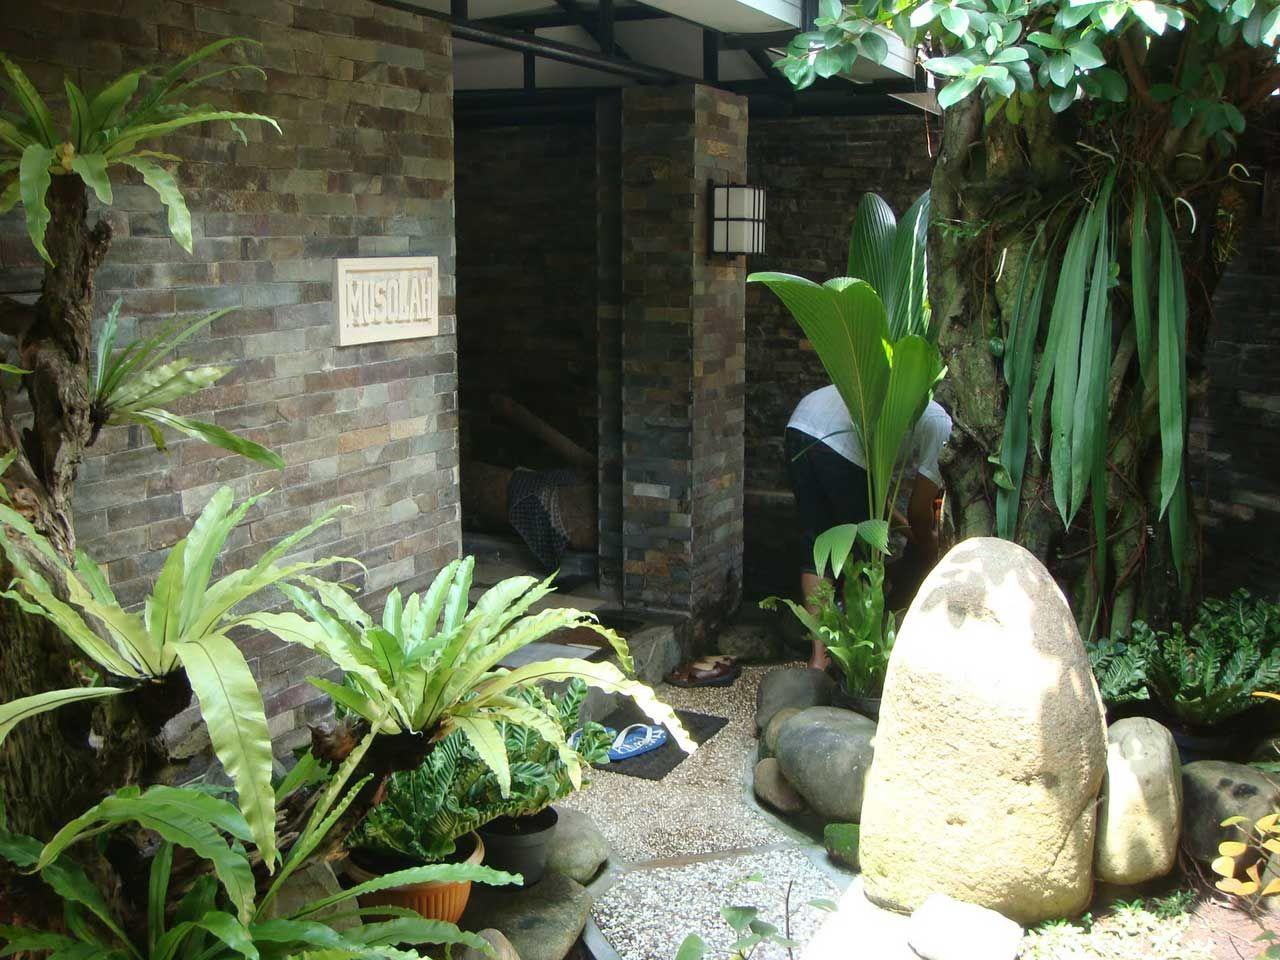 Related For Desain Taman Rumah Minimalis Dengan Batu Alam Dan